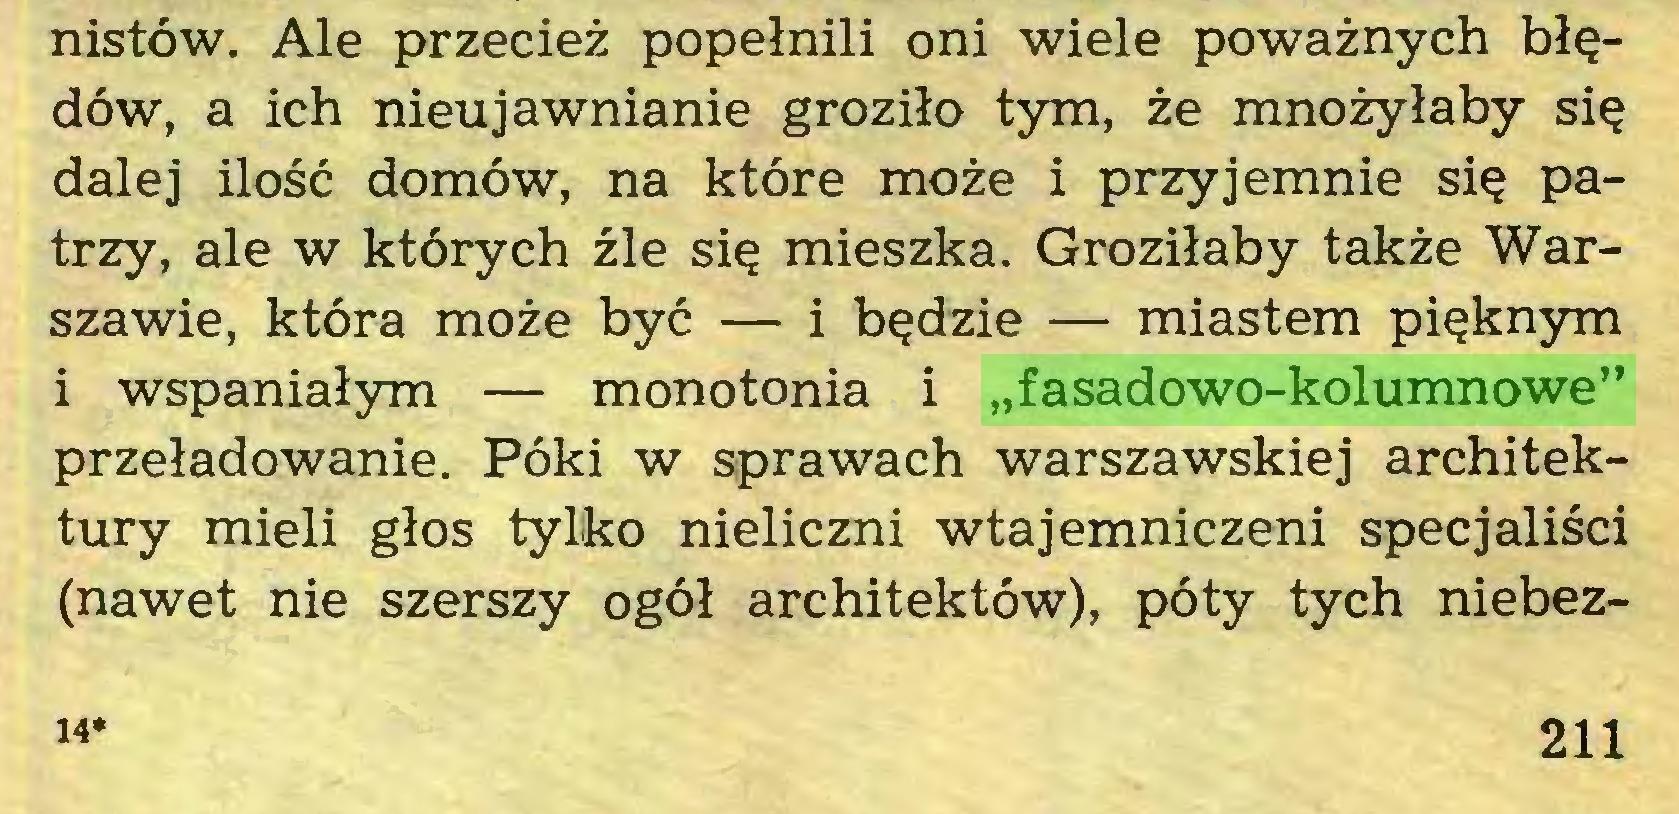 """(...) nistów. Ale przecież popełnili oni wiele poważnych błędów, a ich nieujawnianie groziło tym, że mnożyłaby się dalej ilość domów, na które może i przyjemnie się patrzy, ale w których źle się mieszka. Groziłaby także Warszawie, która może być — i będzie — miastem pięknym i wspaniałym — monotonia i """"fasadowo-kolumnowe"""" przeładowanie. Póki w sprawach warszawskiej architektury mieli głos tylko nieliczni wtajemniczeni specjaliści (nawet nie szerszy ogół architektów), poty tych niebez14* 211..."""